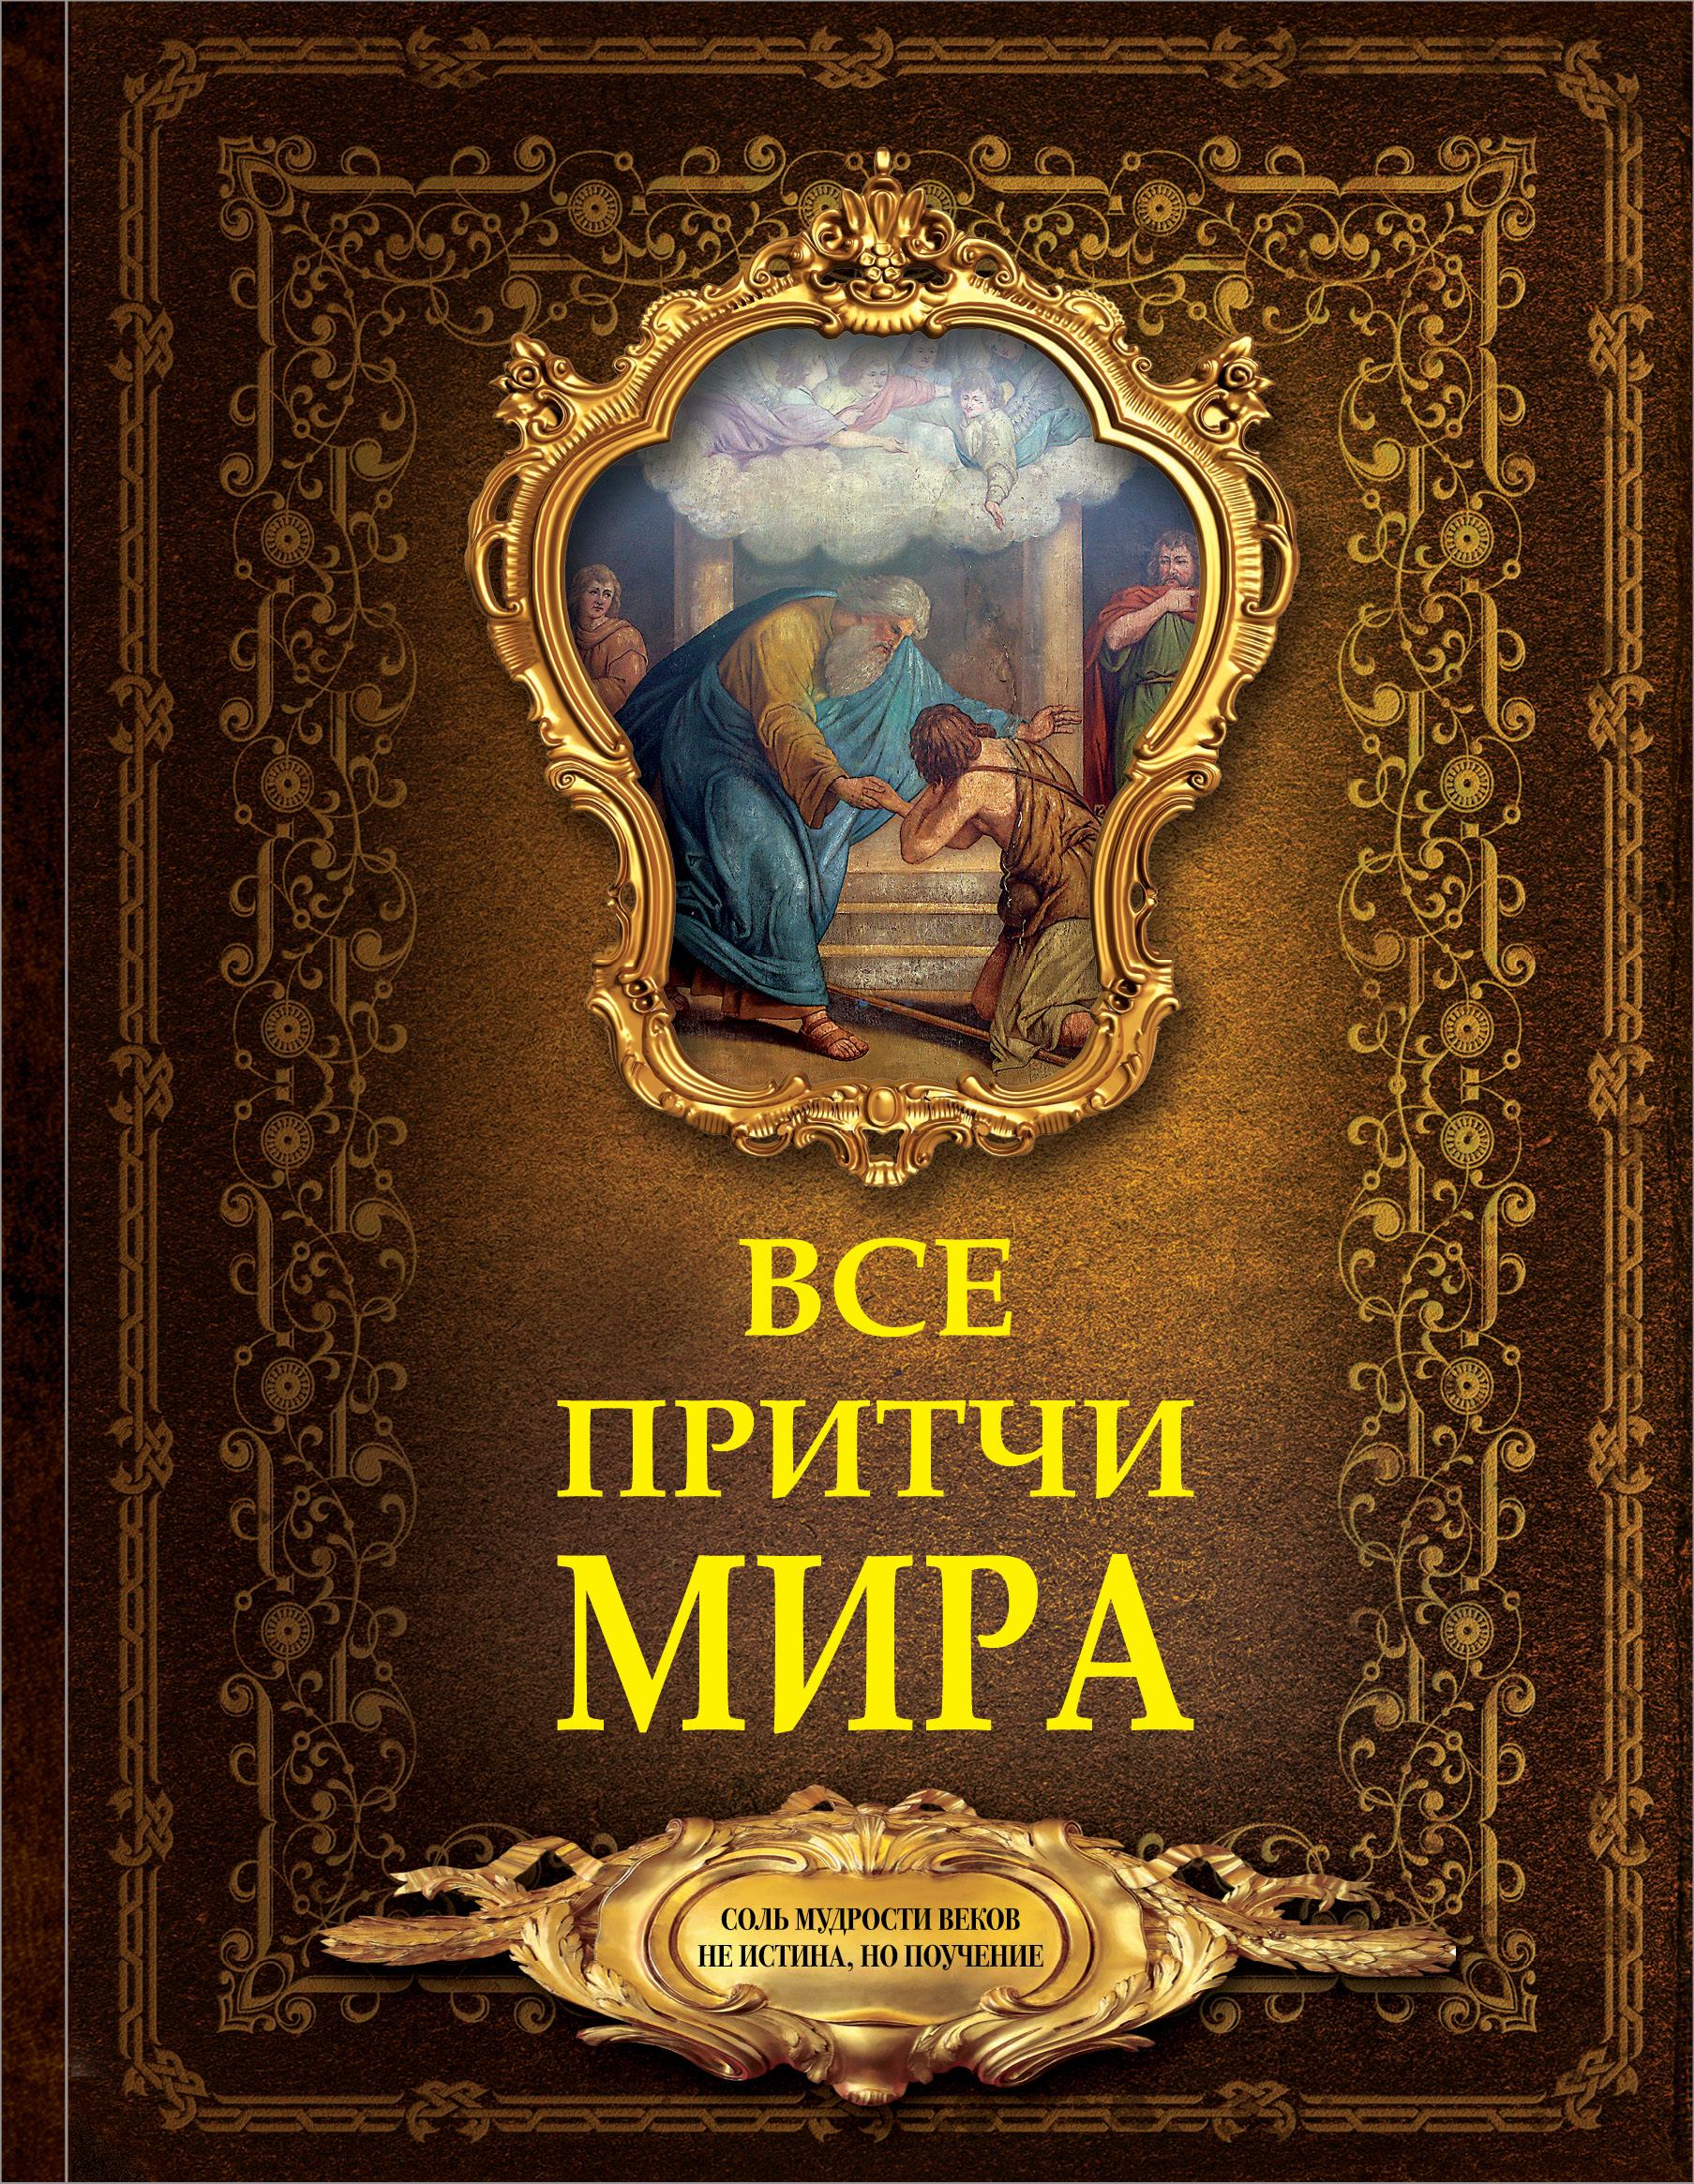 Сборник Все притчи мира cd аудиокнига притчи народов мира дзенские притчи mp3